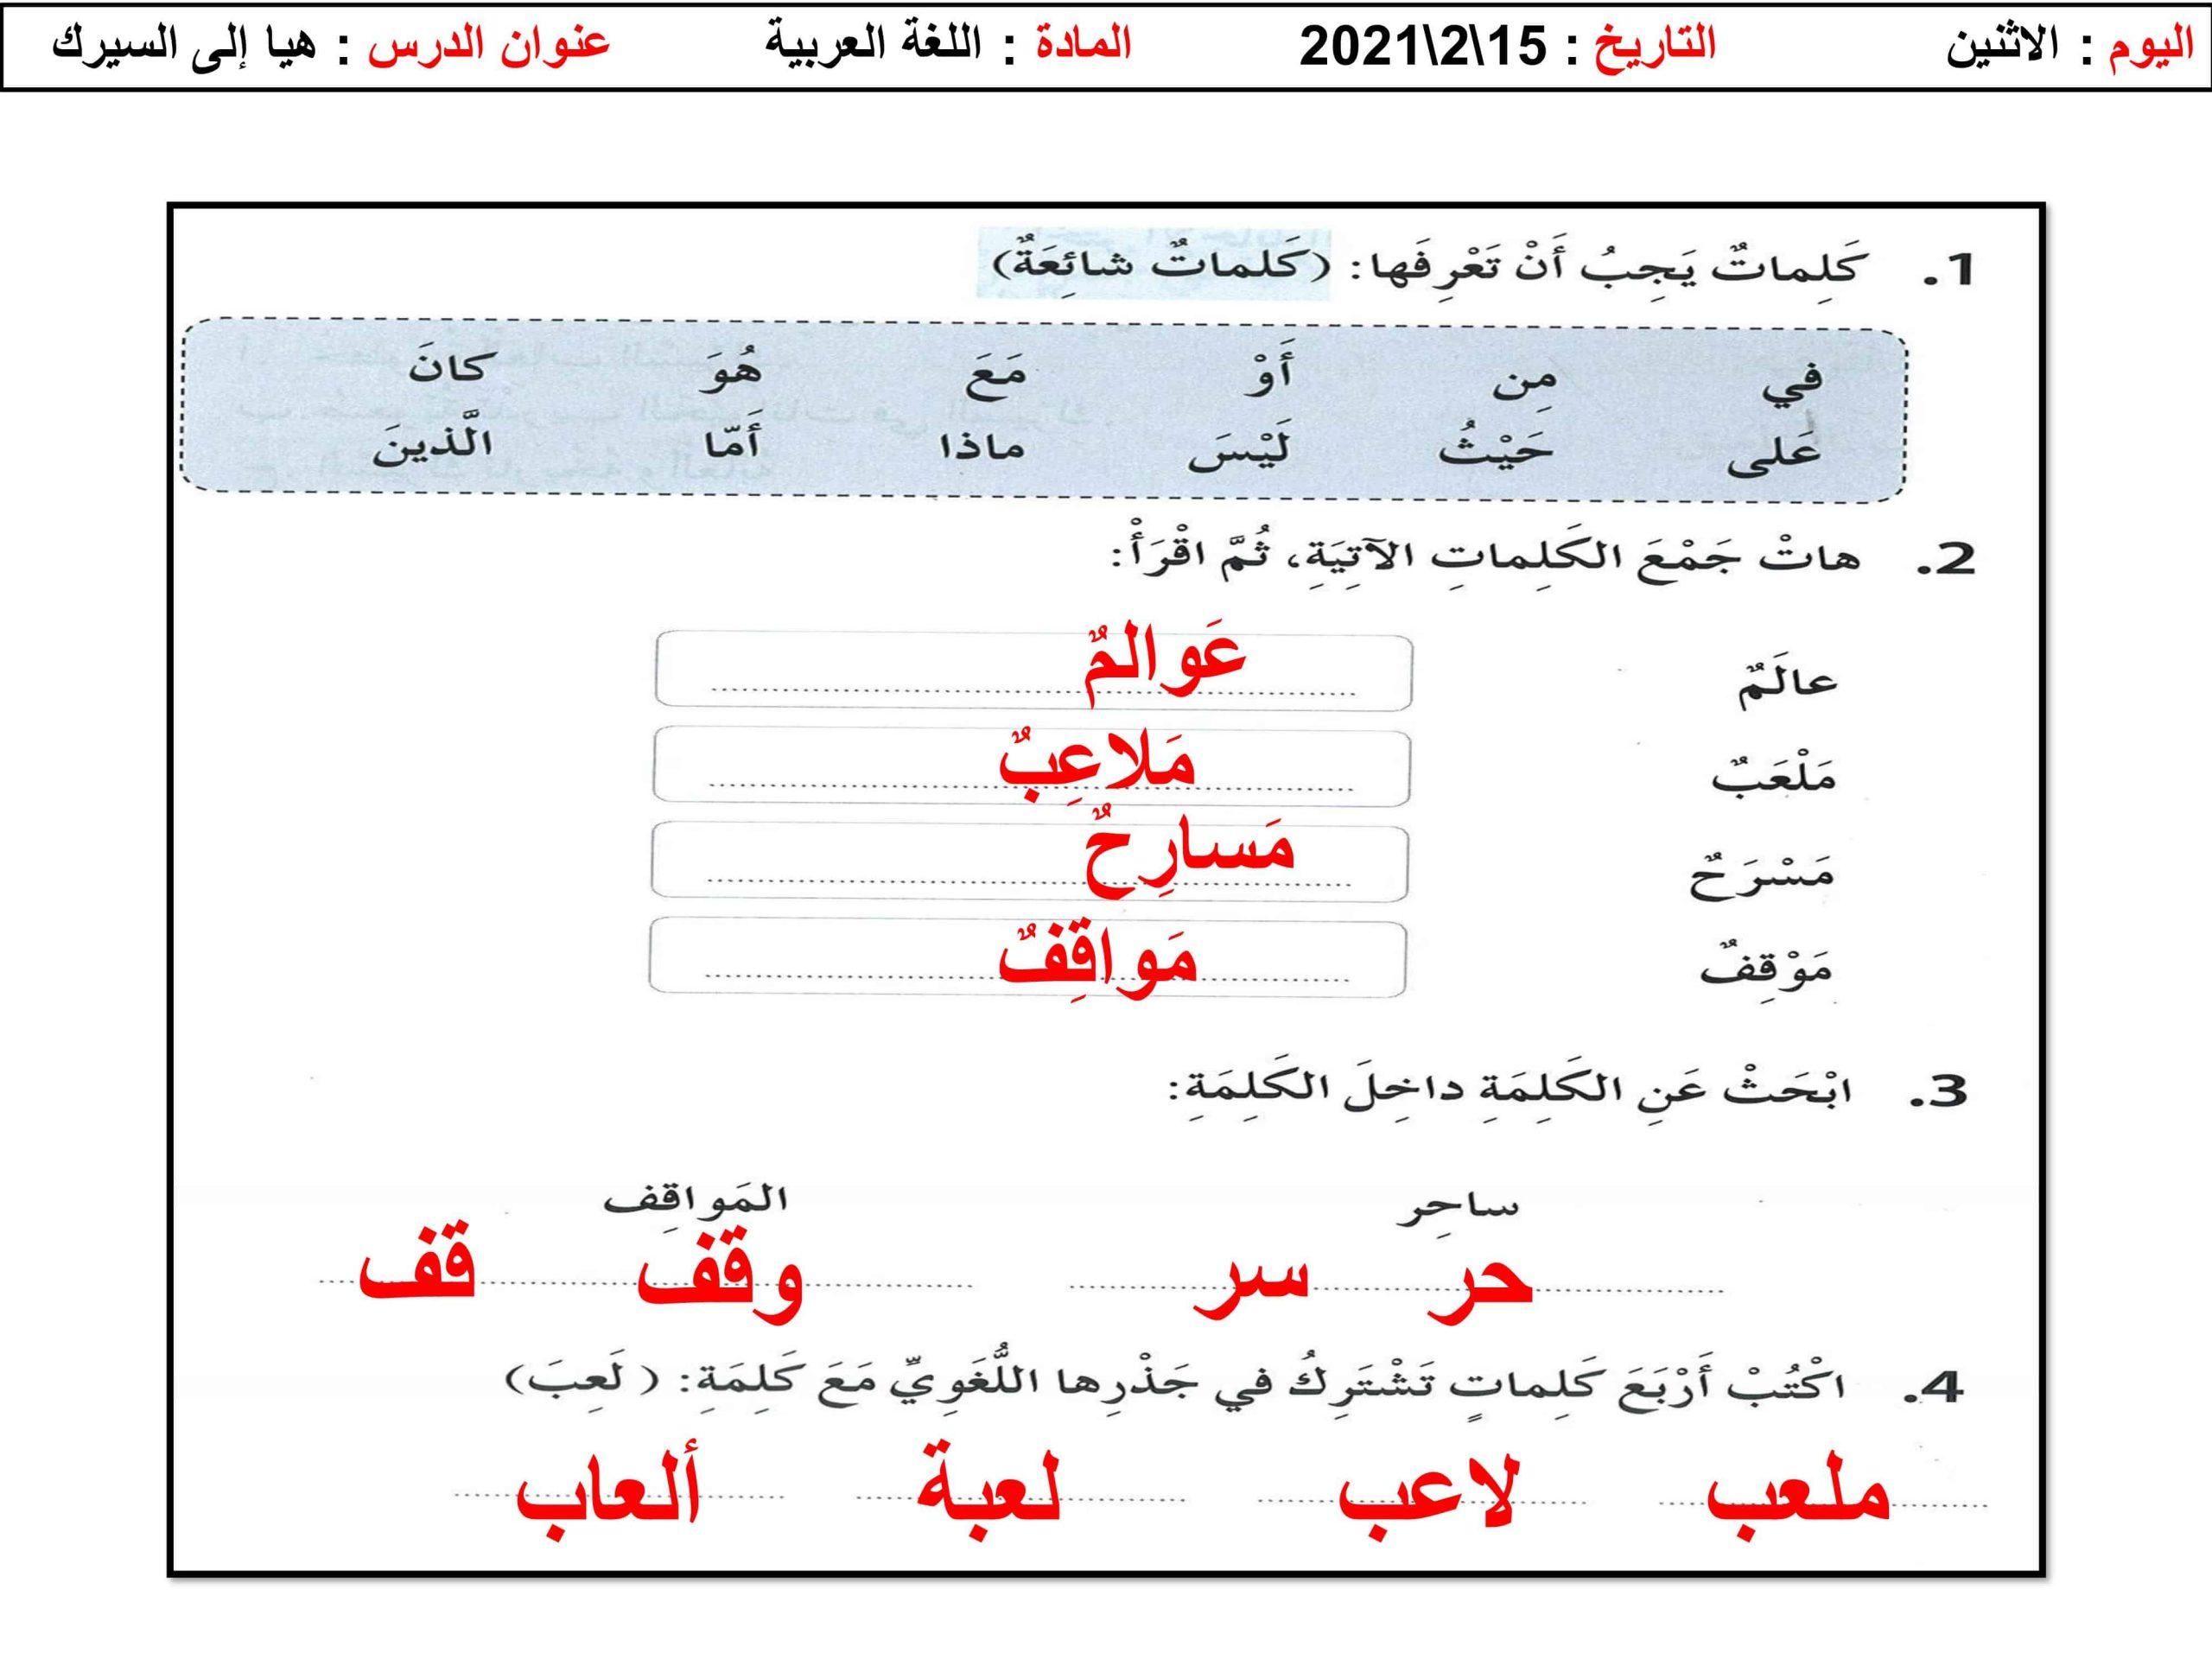 حل درس هيا إلى السيرك كتاب النشاط الصف الثالث مادة اللغة العربية